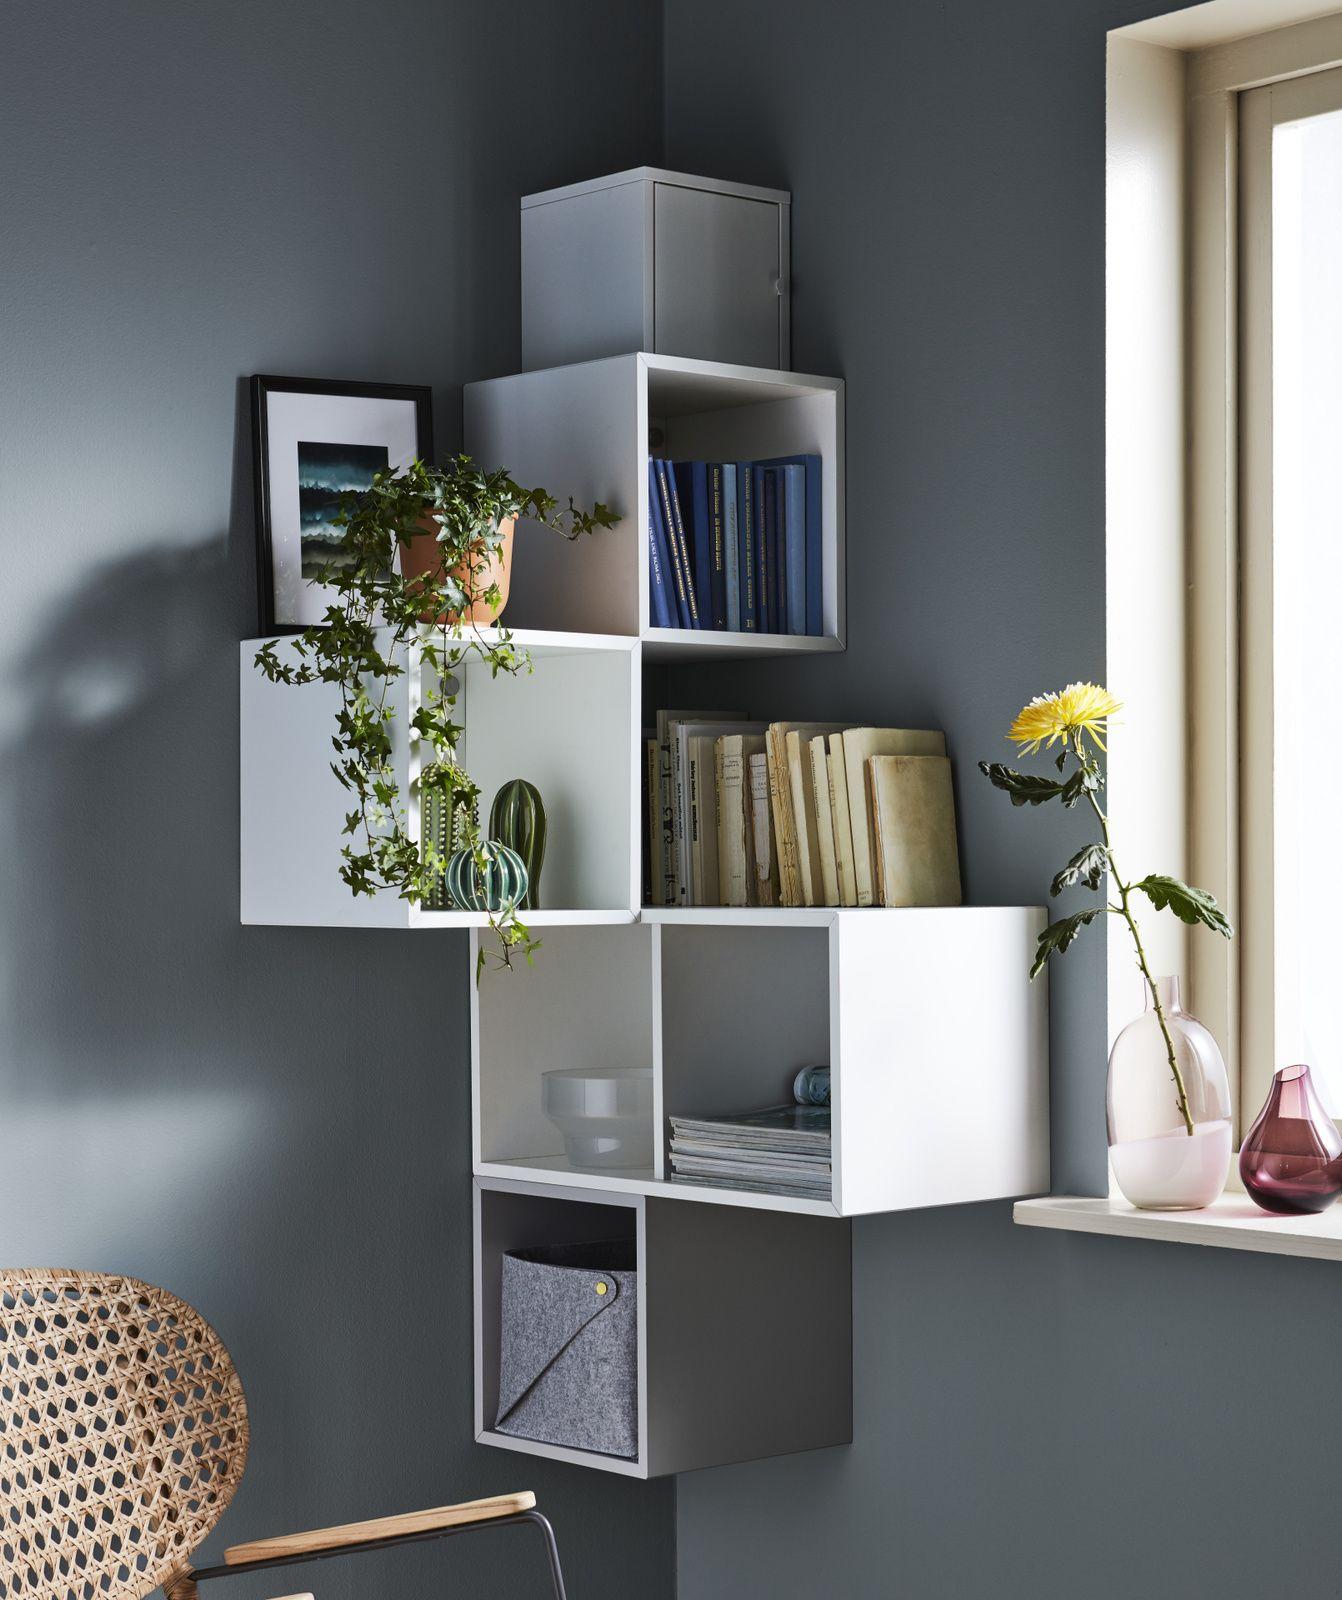 Album 23 EKET, la nouvelle gamme de chez IKEA | Deco